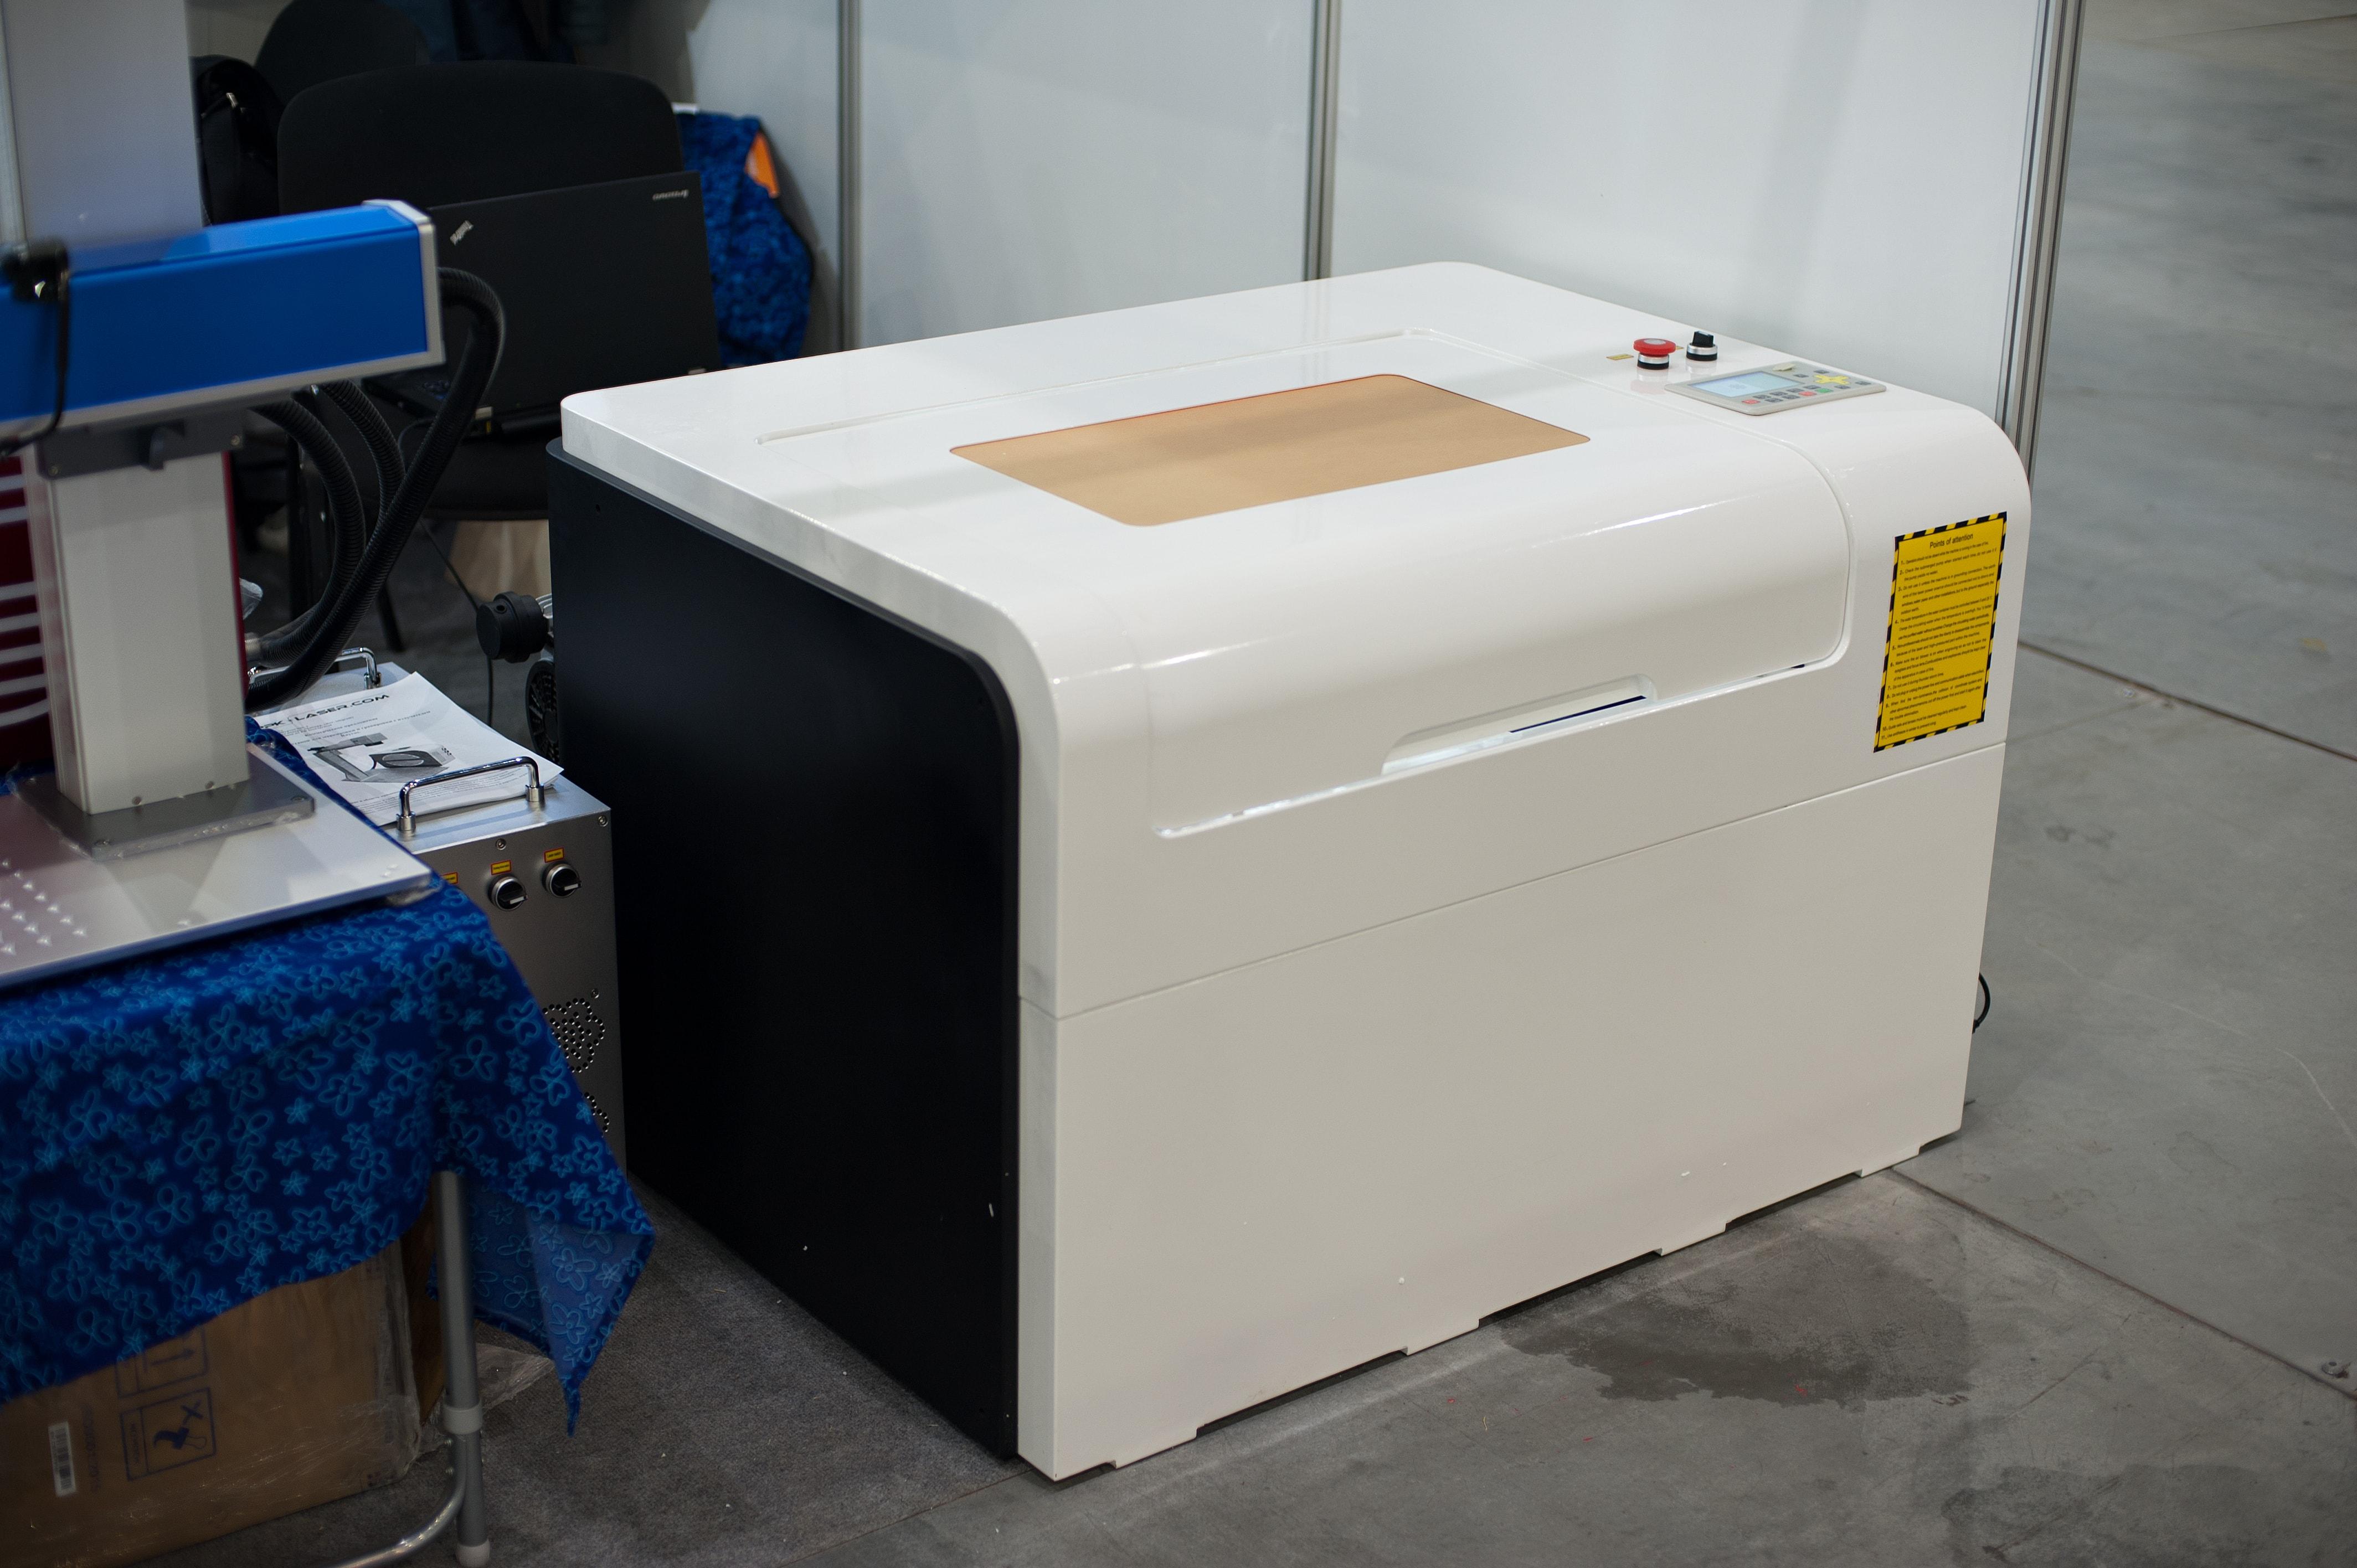 Лазерный станок G-RAY 4060 FASTER гравер резчик / 5-ти фазные двигатели